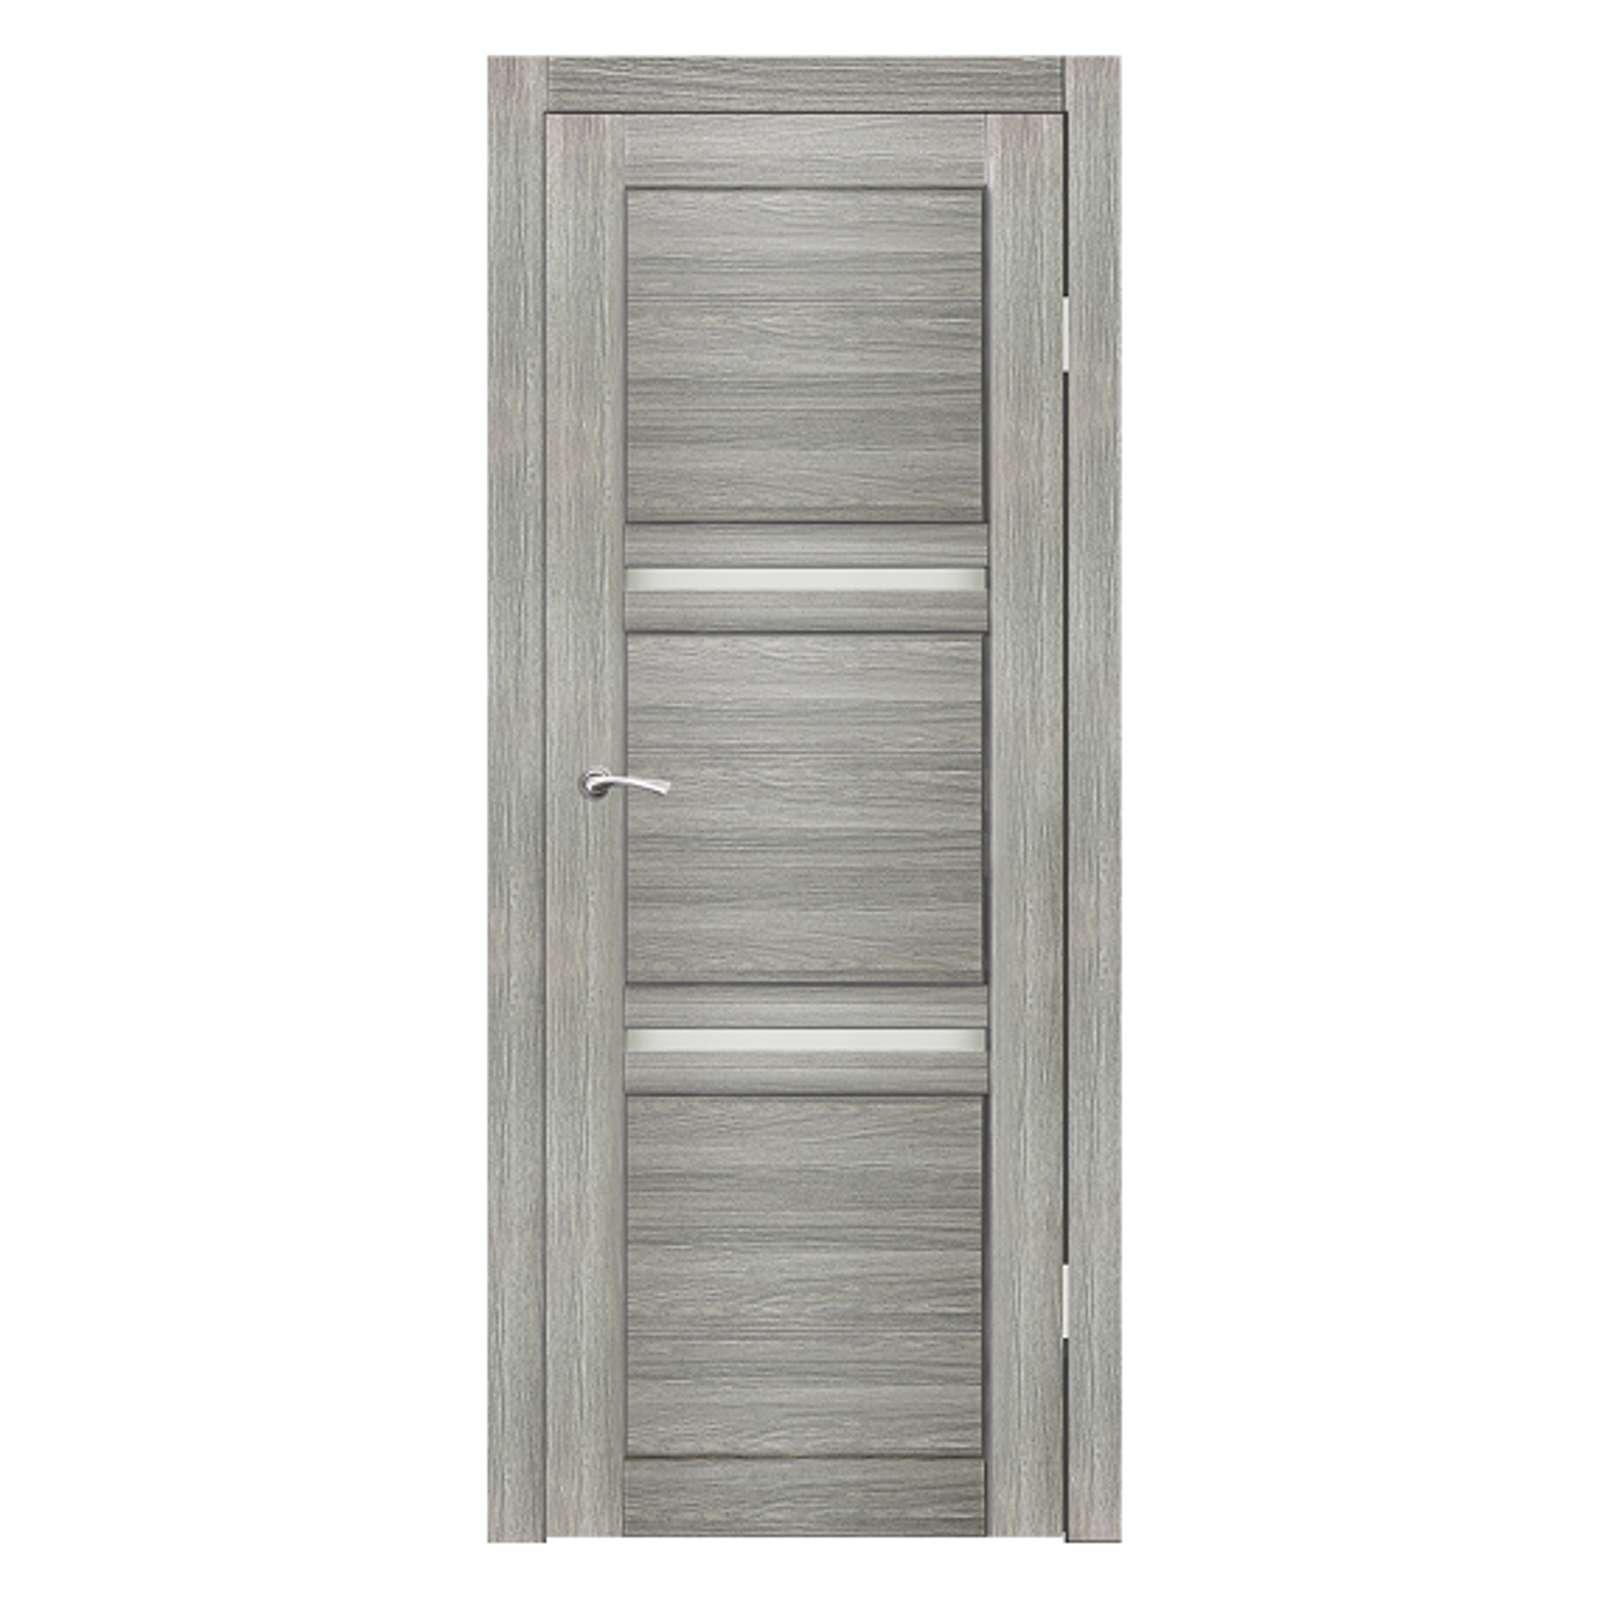 Дверное полотно Синержи Александро, Ель, ПДО 900Х2000ММ